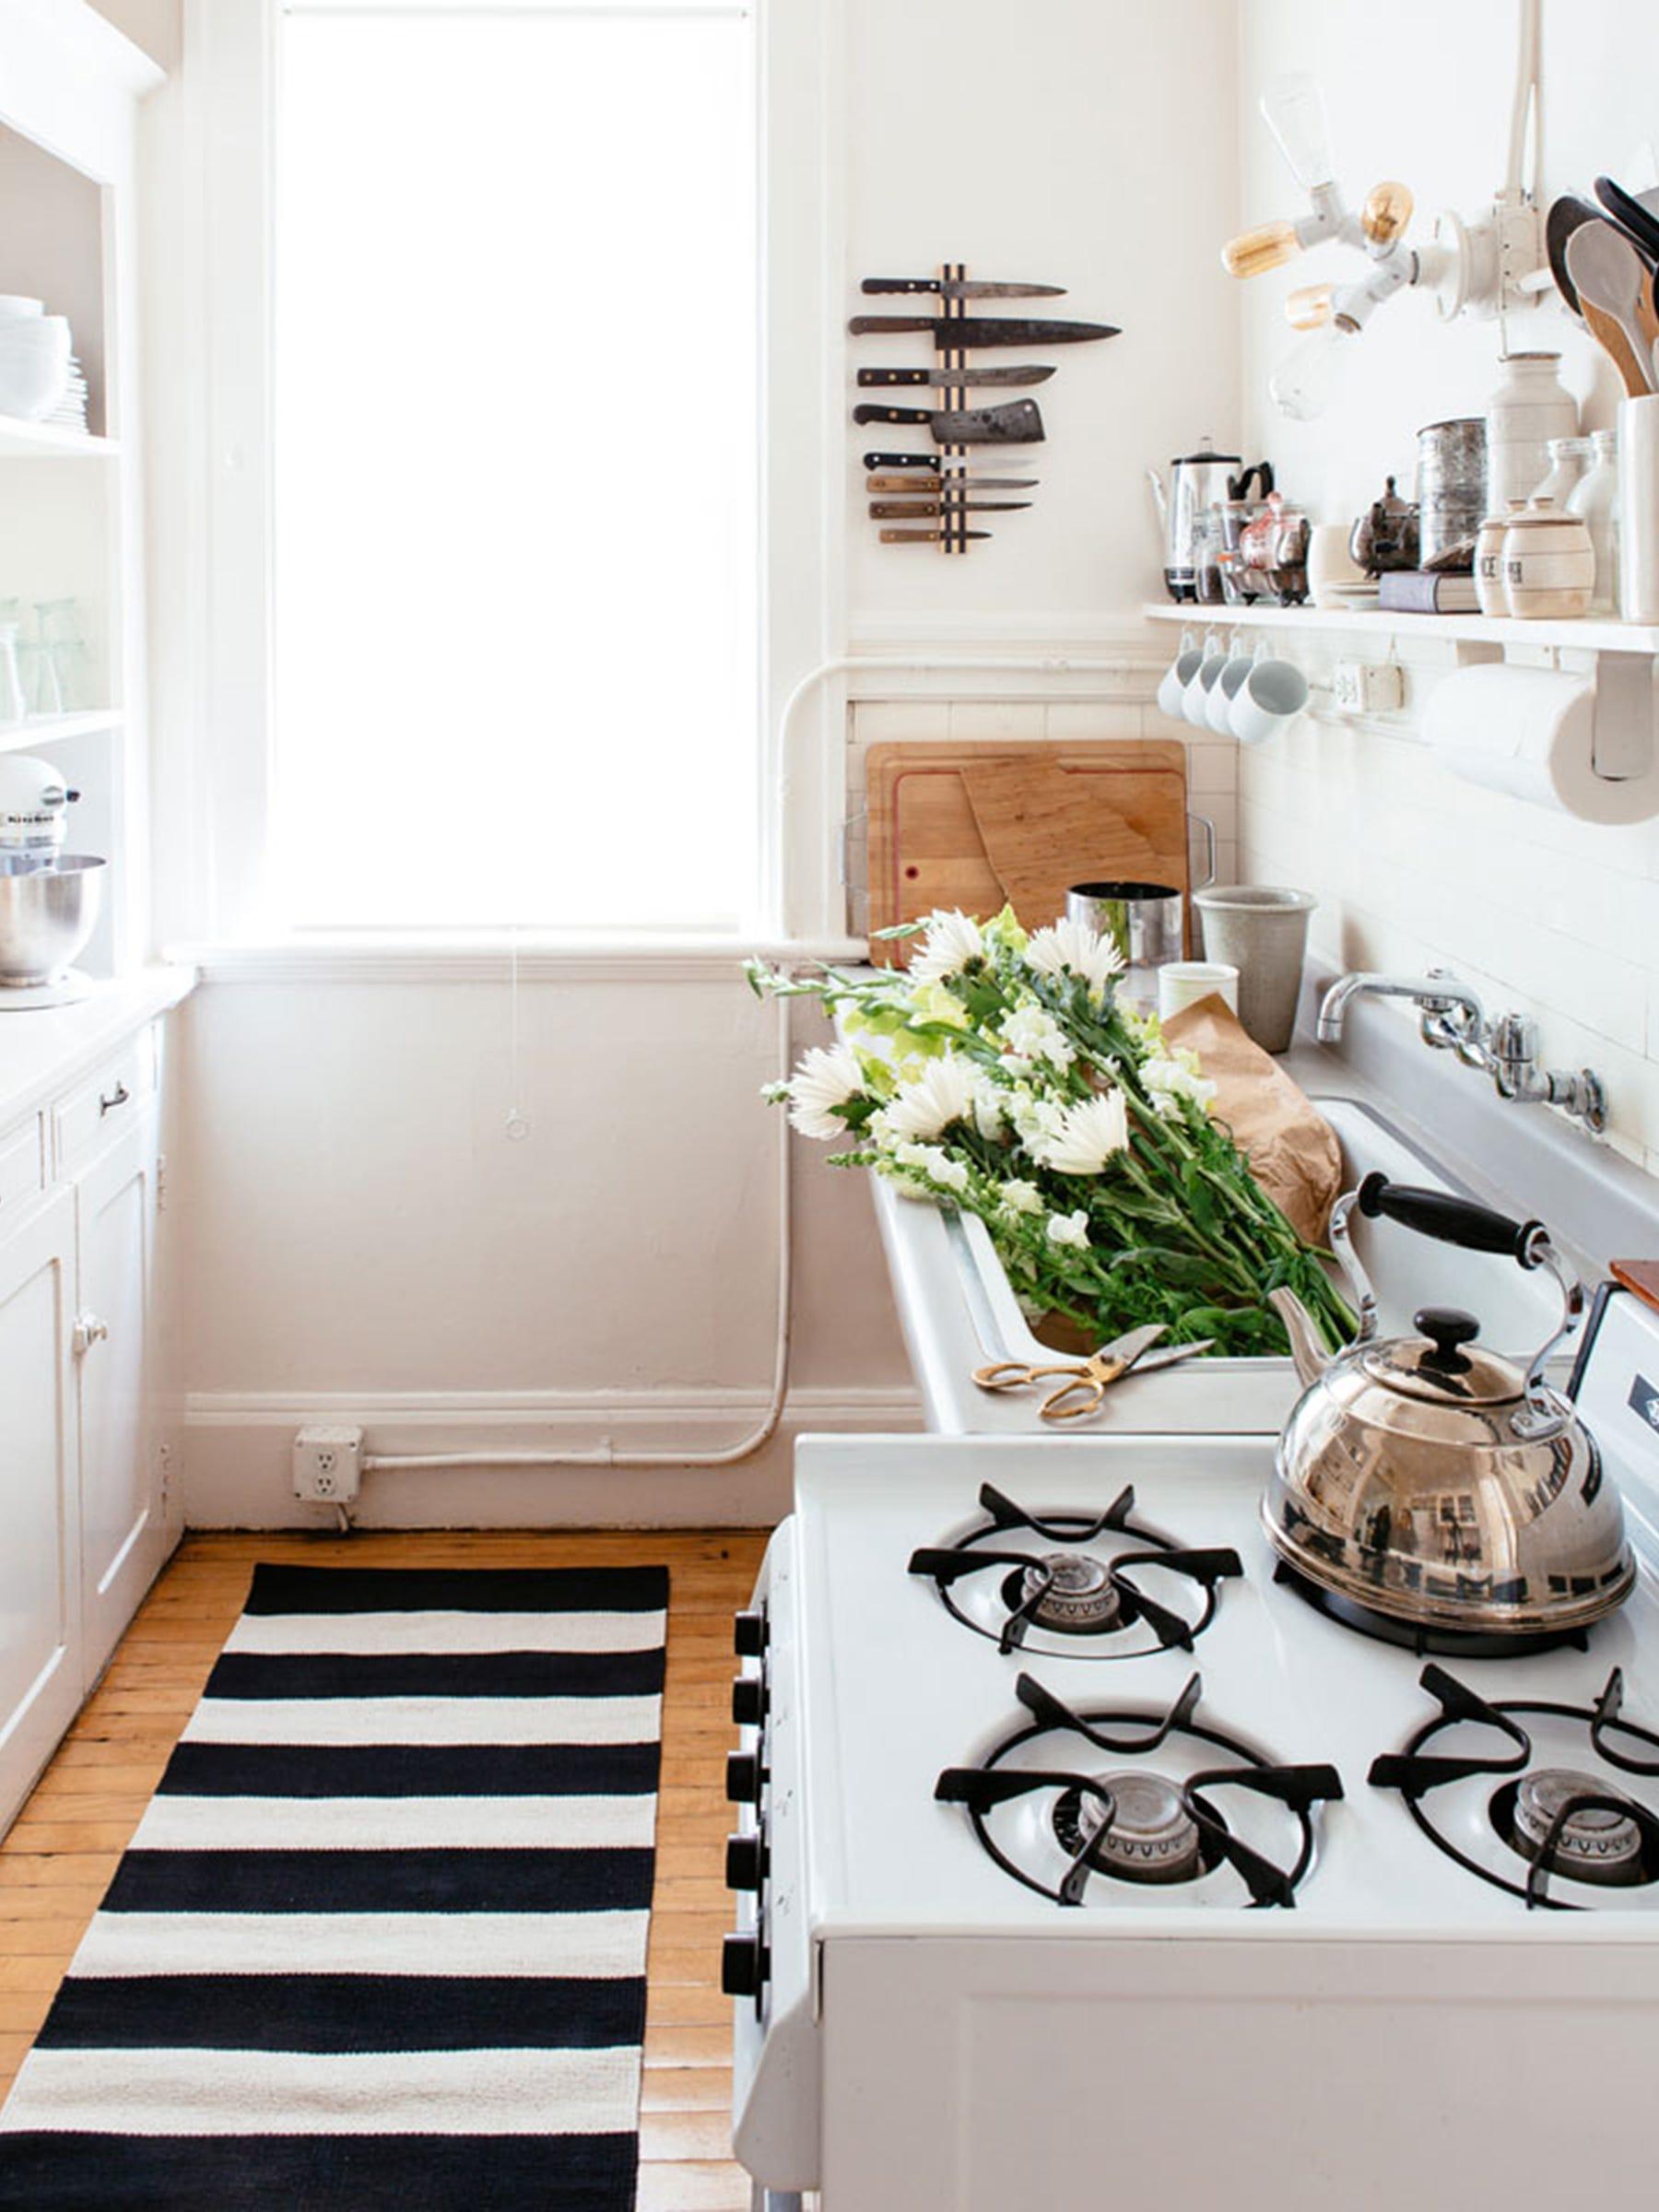 Very Small Kitchen Ideas Uk 6 small kitchen design ideas - uk